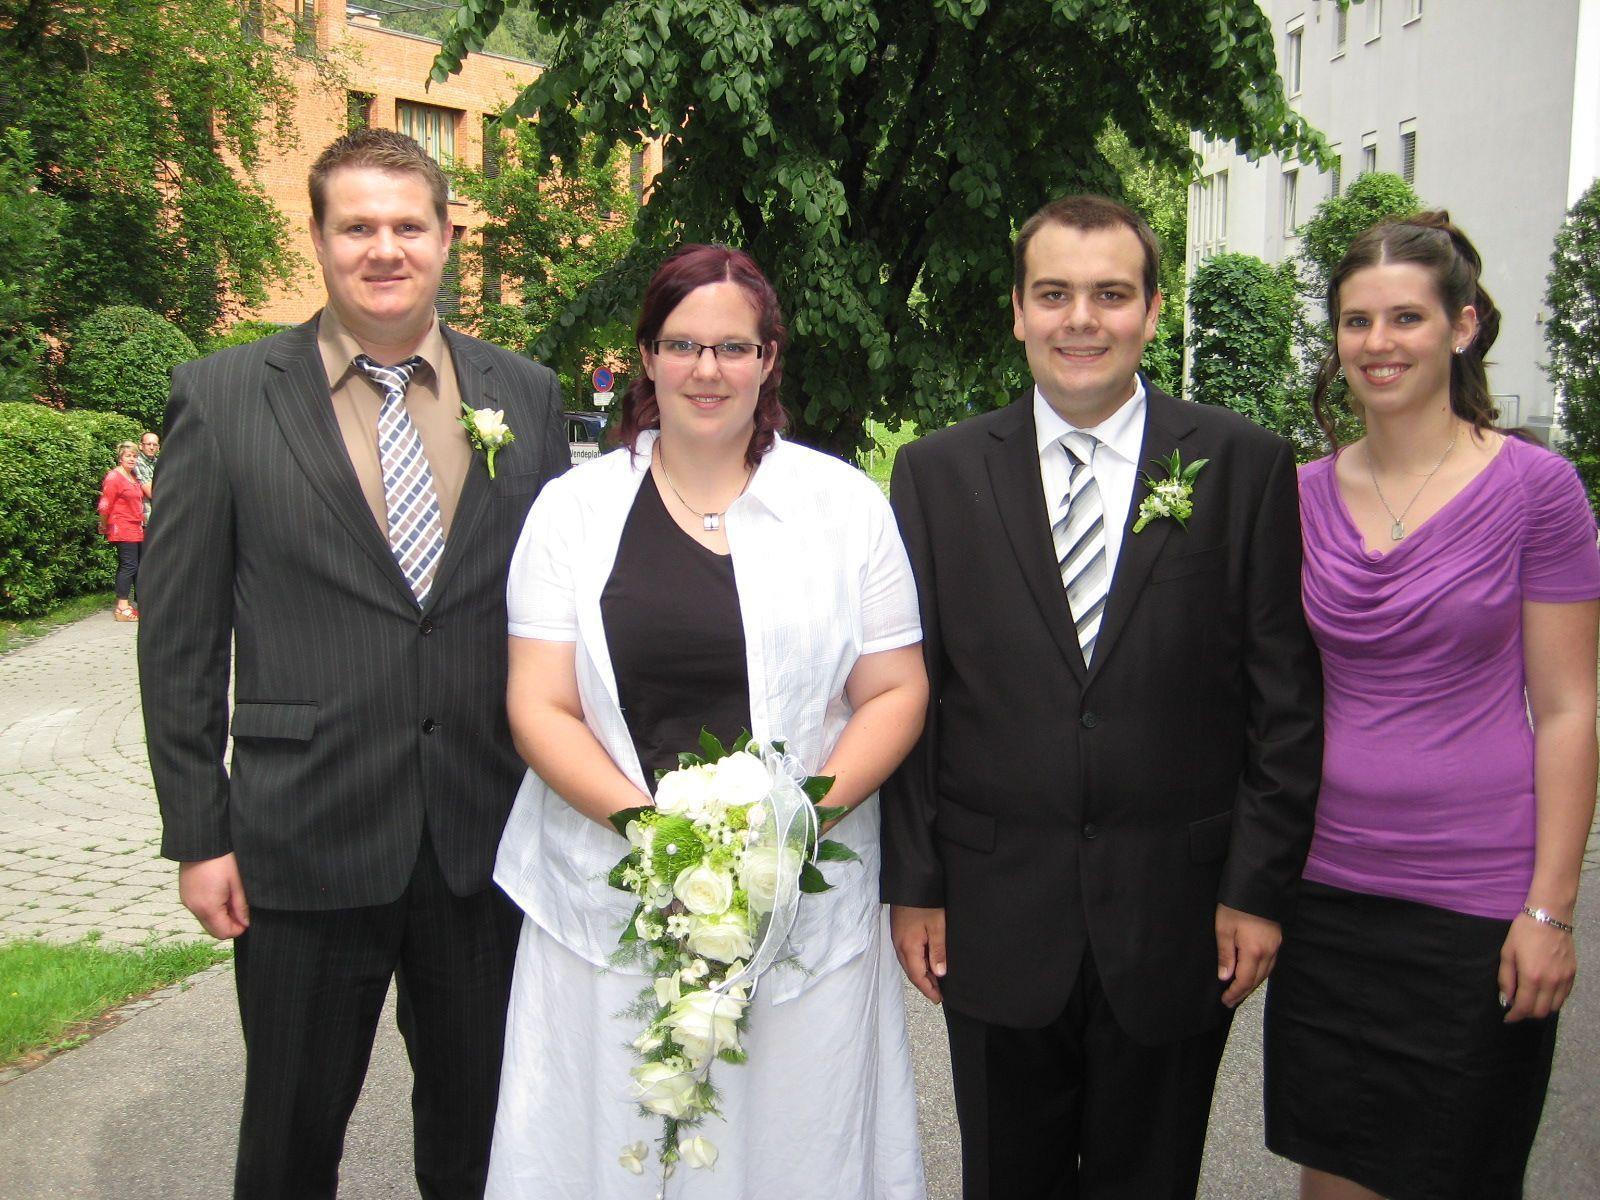 Sabine Lakner und Mathias Vonderleu haben geheiratet.